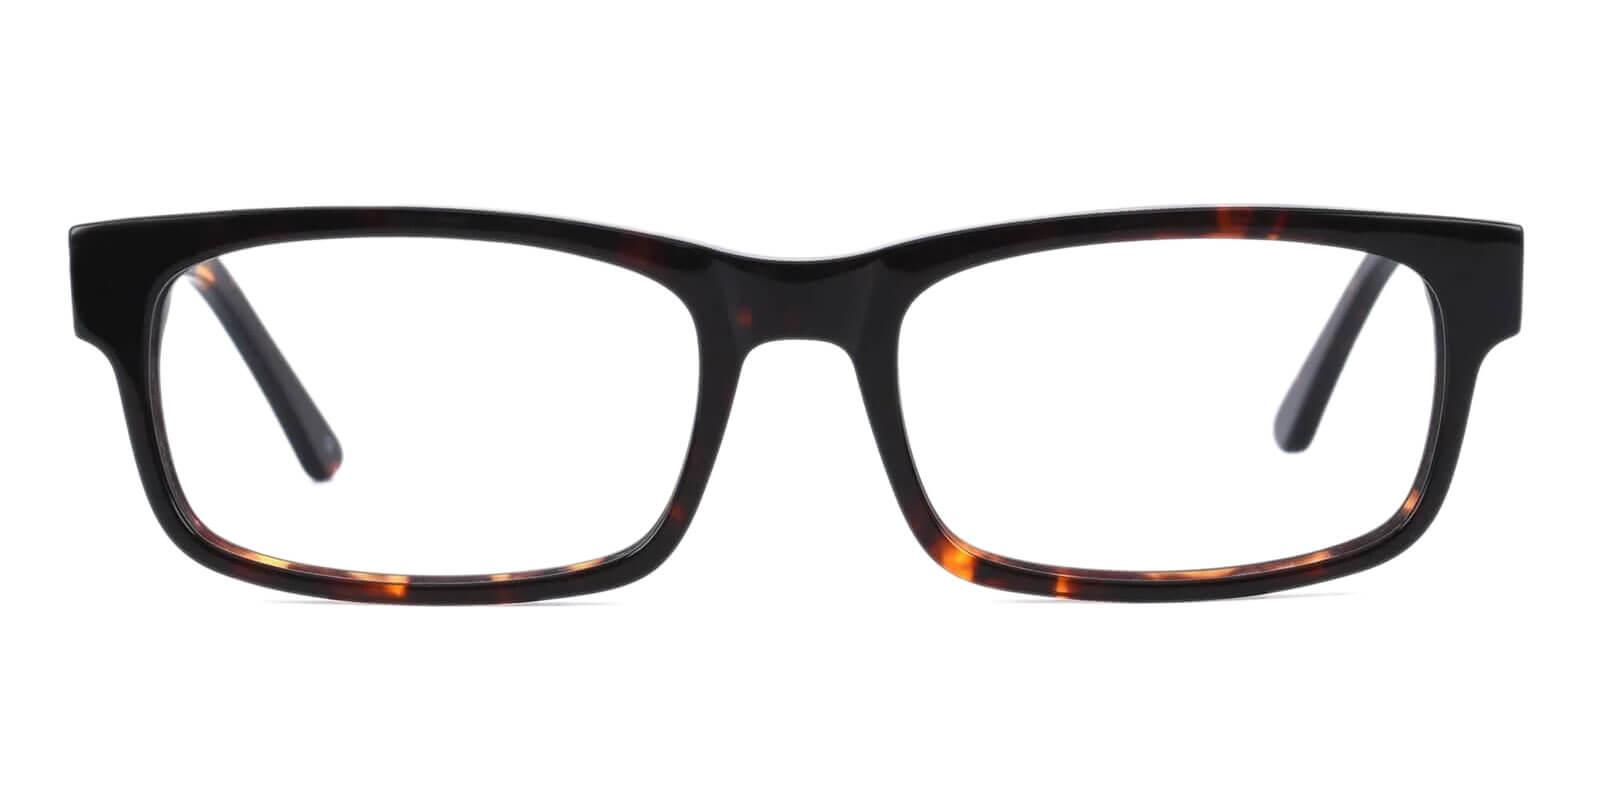 Discover Tortoise Acetate Eyeglasses , SpringHinges , UniversalBridgeFit Frames from ABBE Glasses